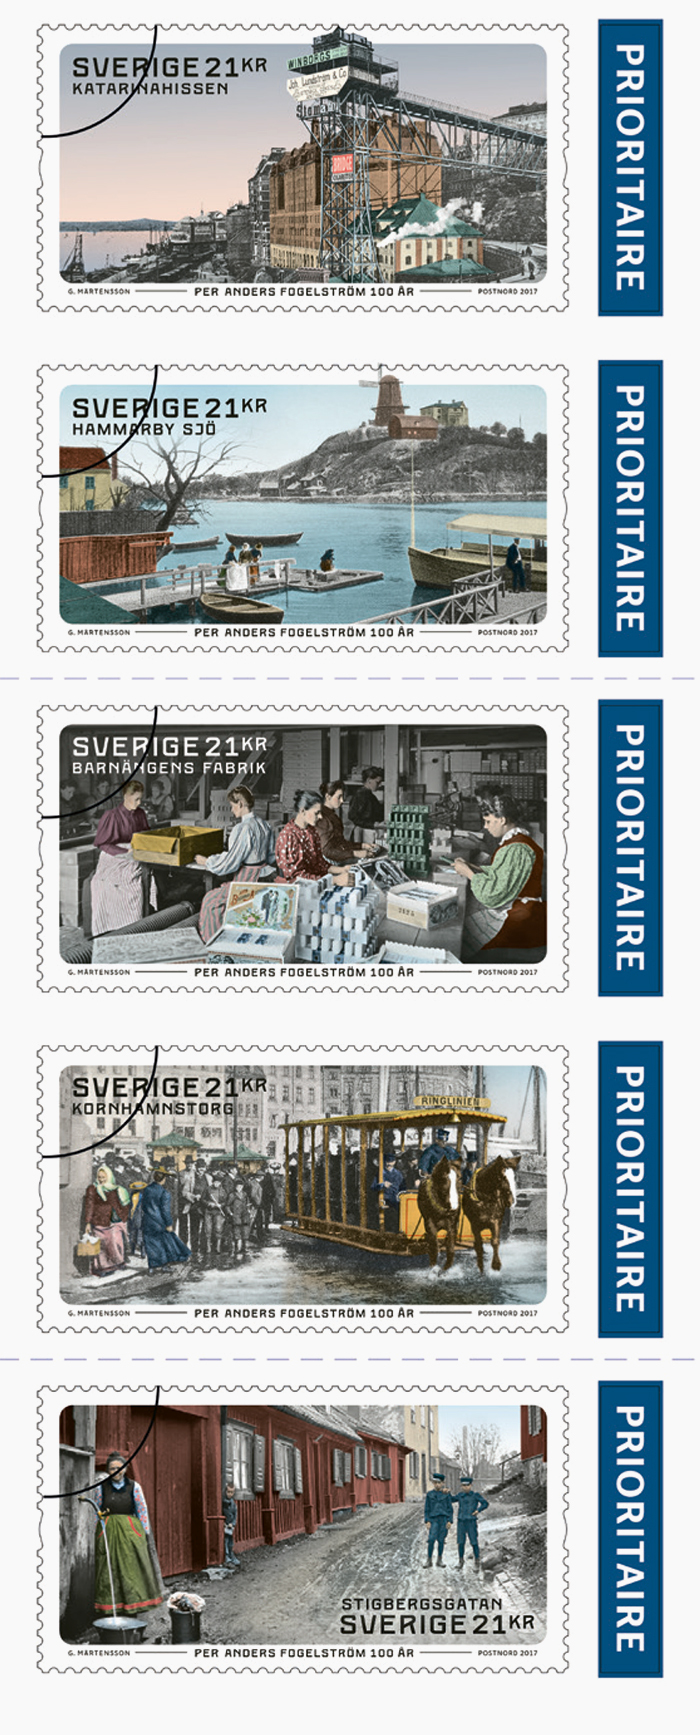 Per Anders Fogelström stamps 3